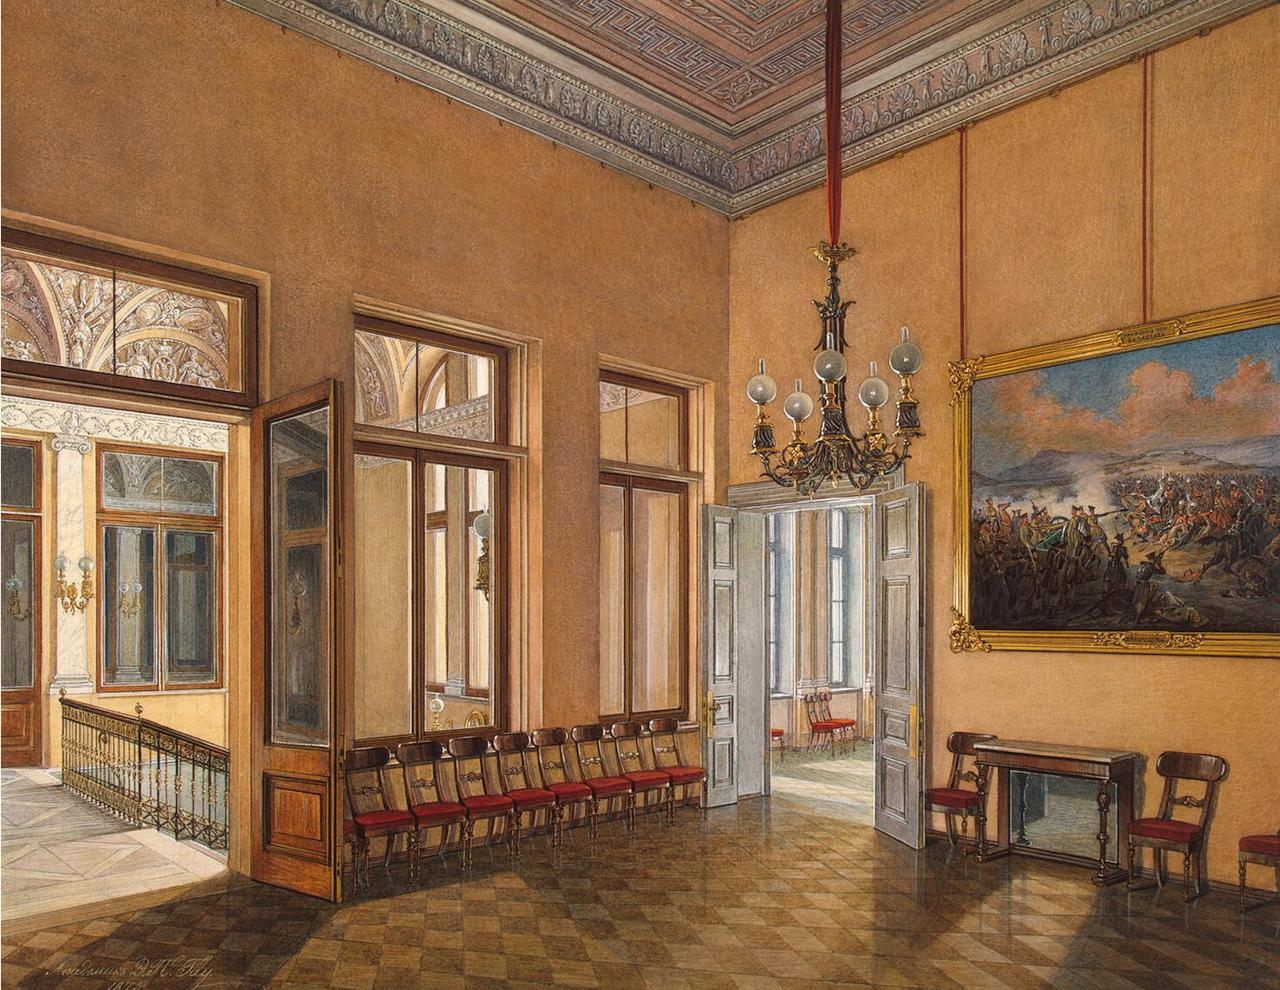 Интерьеры Зимнего дворца. Вход в частные аппартаменты императрицы Марии Александровны